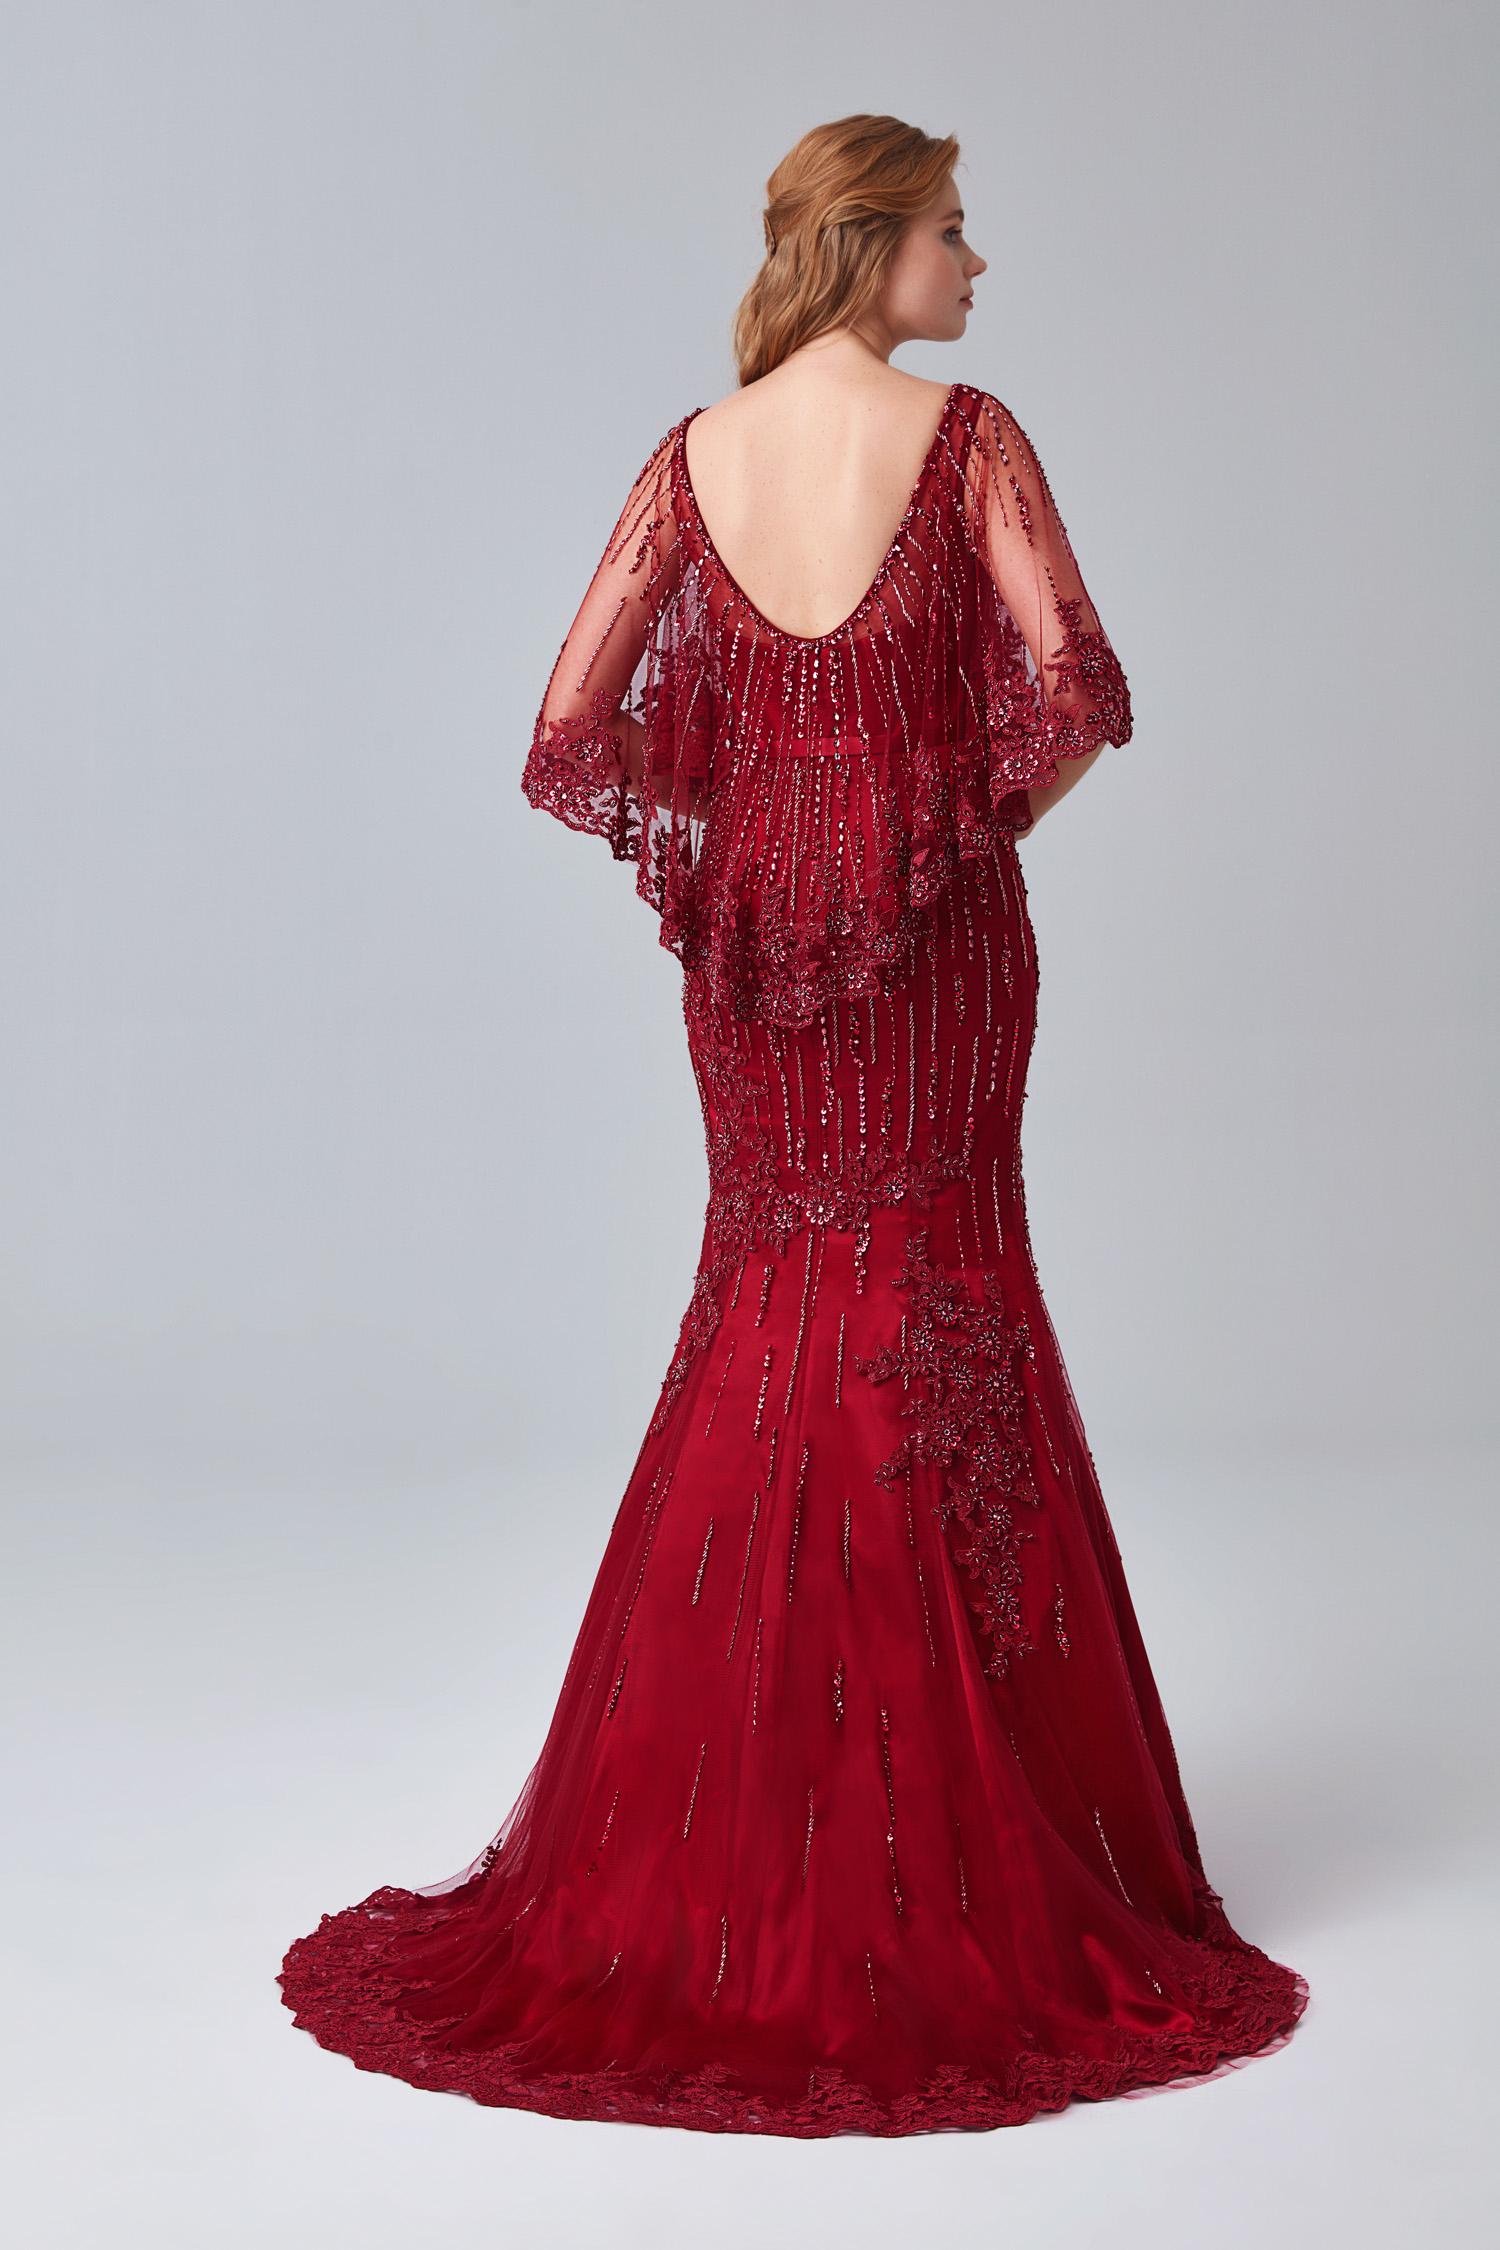 Şarap Kırmızısı Payet İşlemeli Uzun Abiye Elbise - Thumbnail